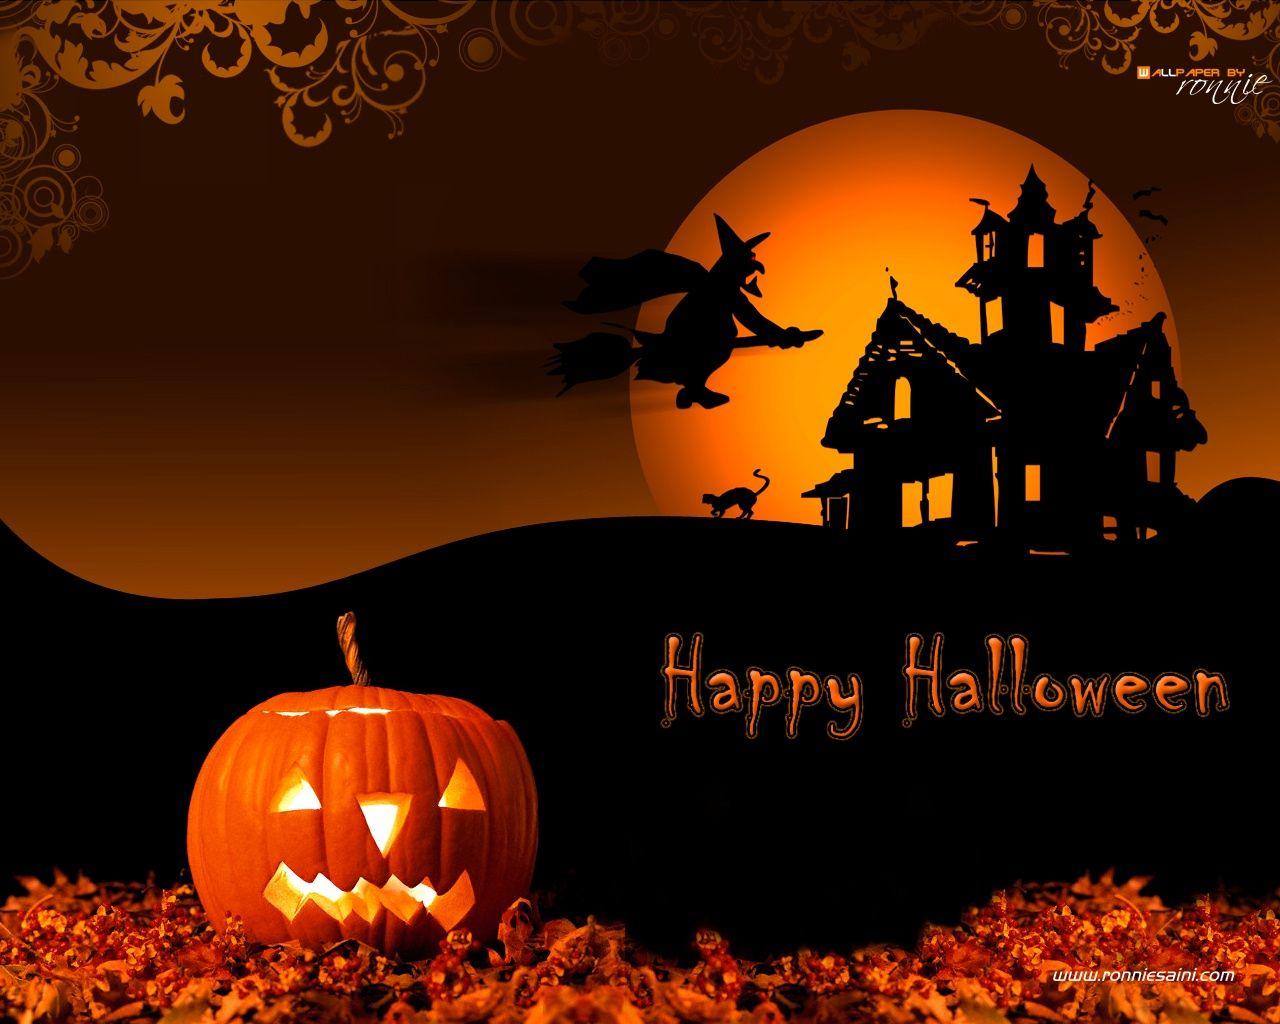 Halloween Fond D Ecran Halloween Photo Halloween Fond D Ecran Halloween